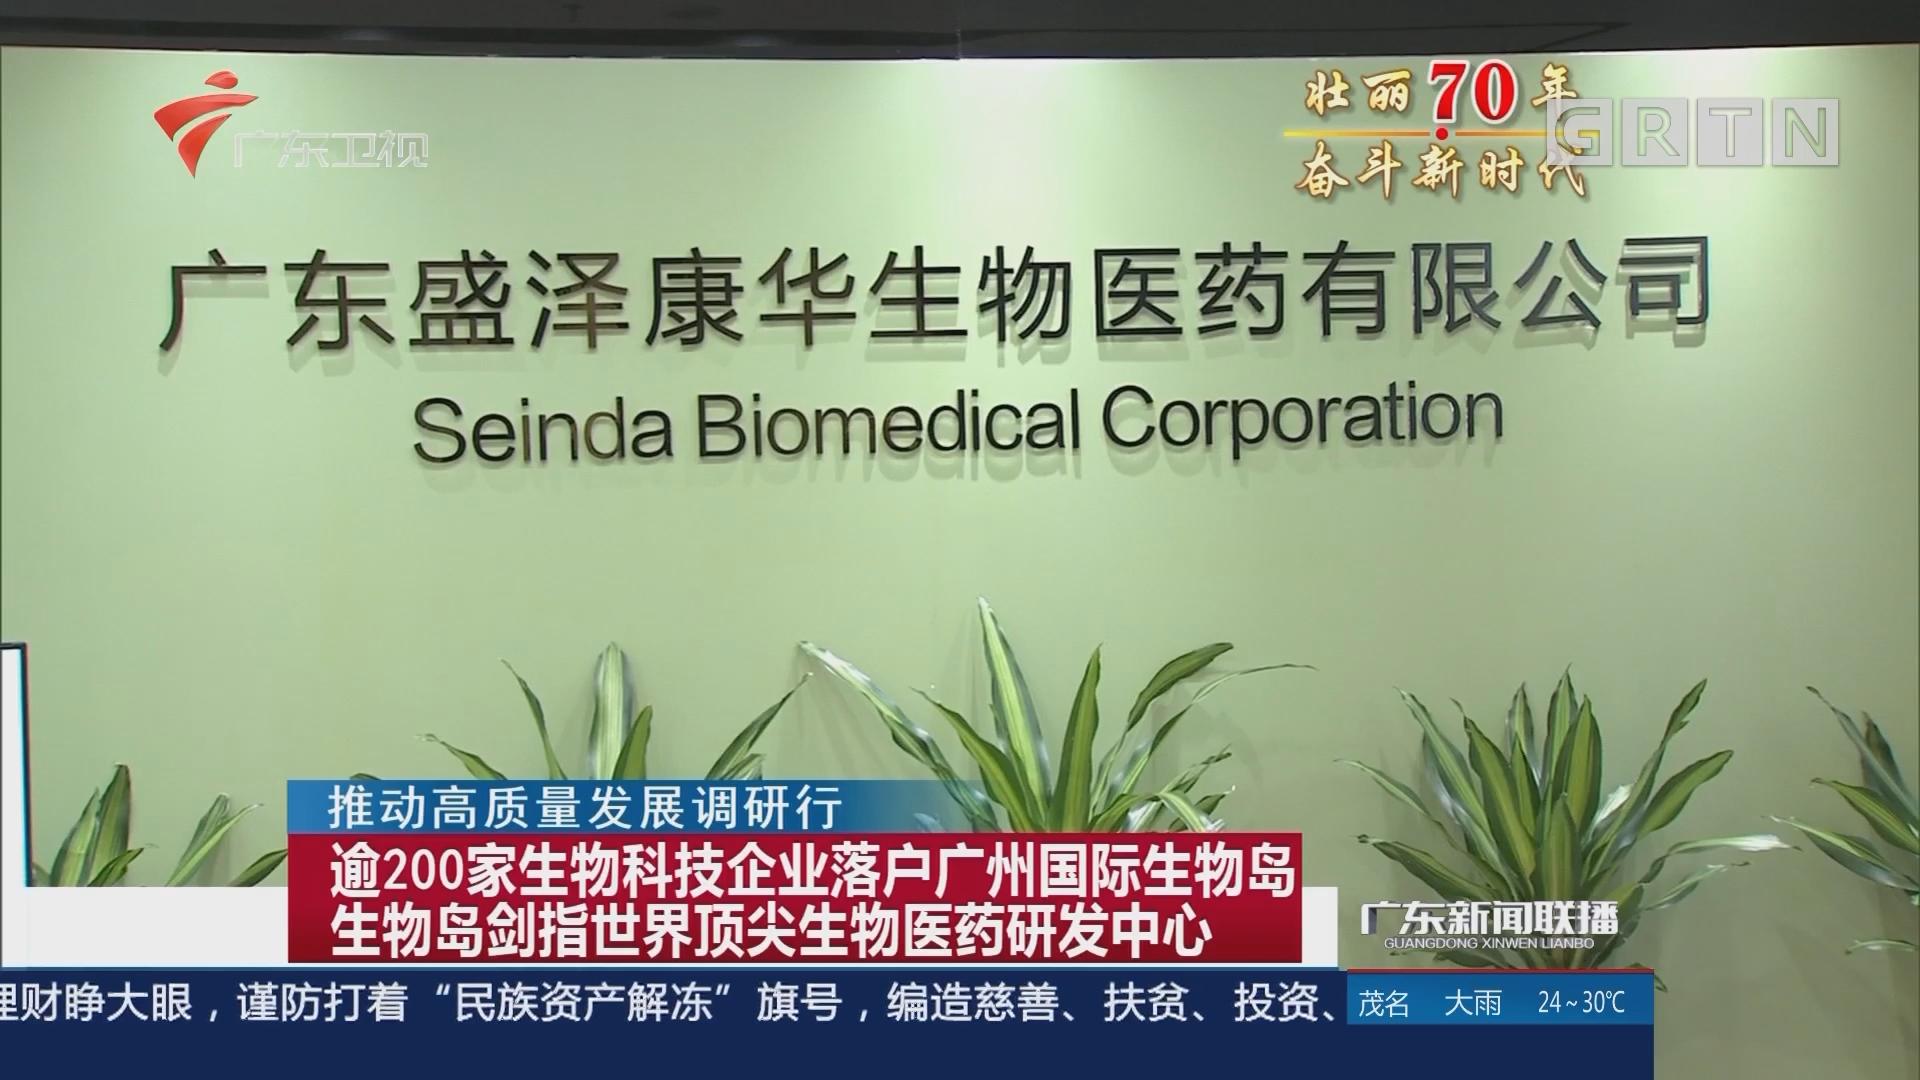 逾200家生物科技企业落户广州国际生物岛 生物岛剑指世界顶尖生物医药研发中心